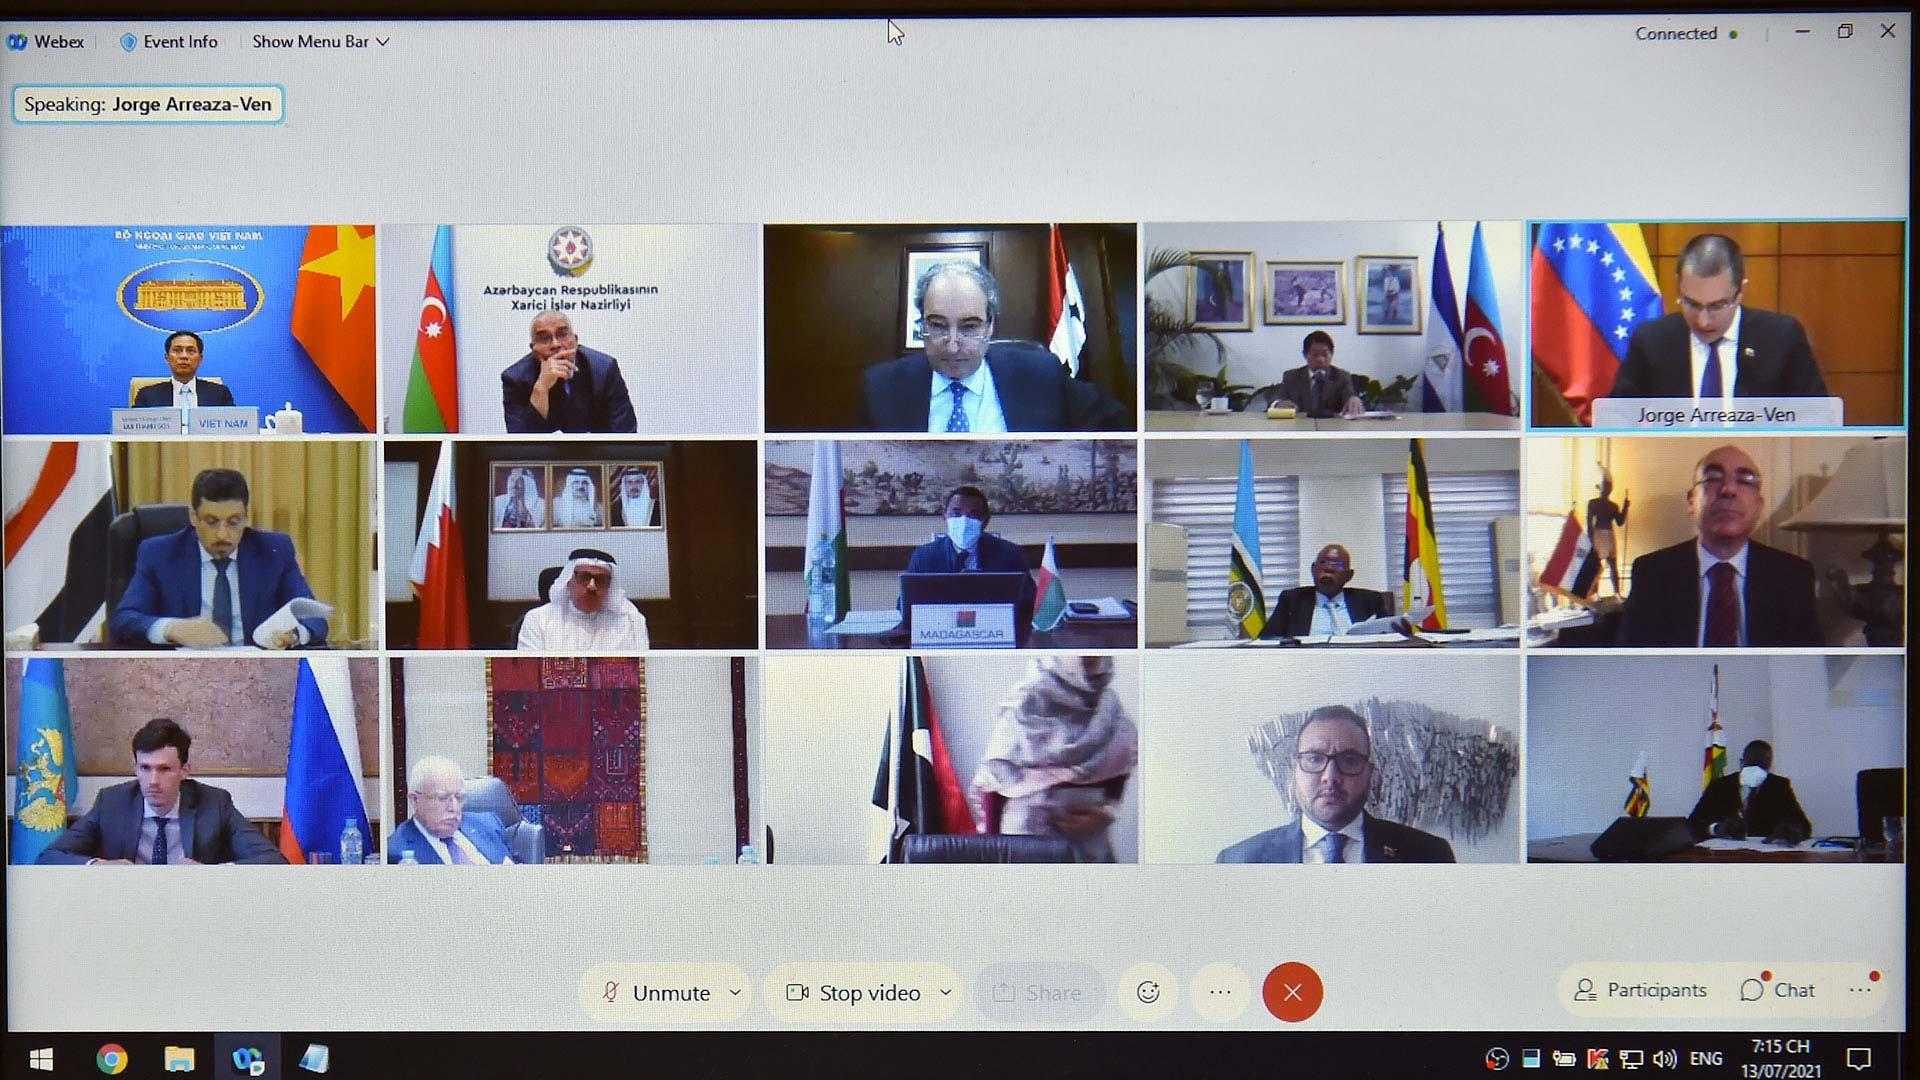 Phong trào Không liên kết - diễn đàn tăng cường hợp tác quốc tế nhằm giải quyết các thách thức toàn cầu